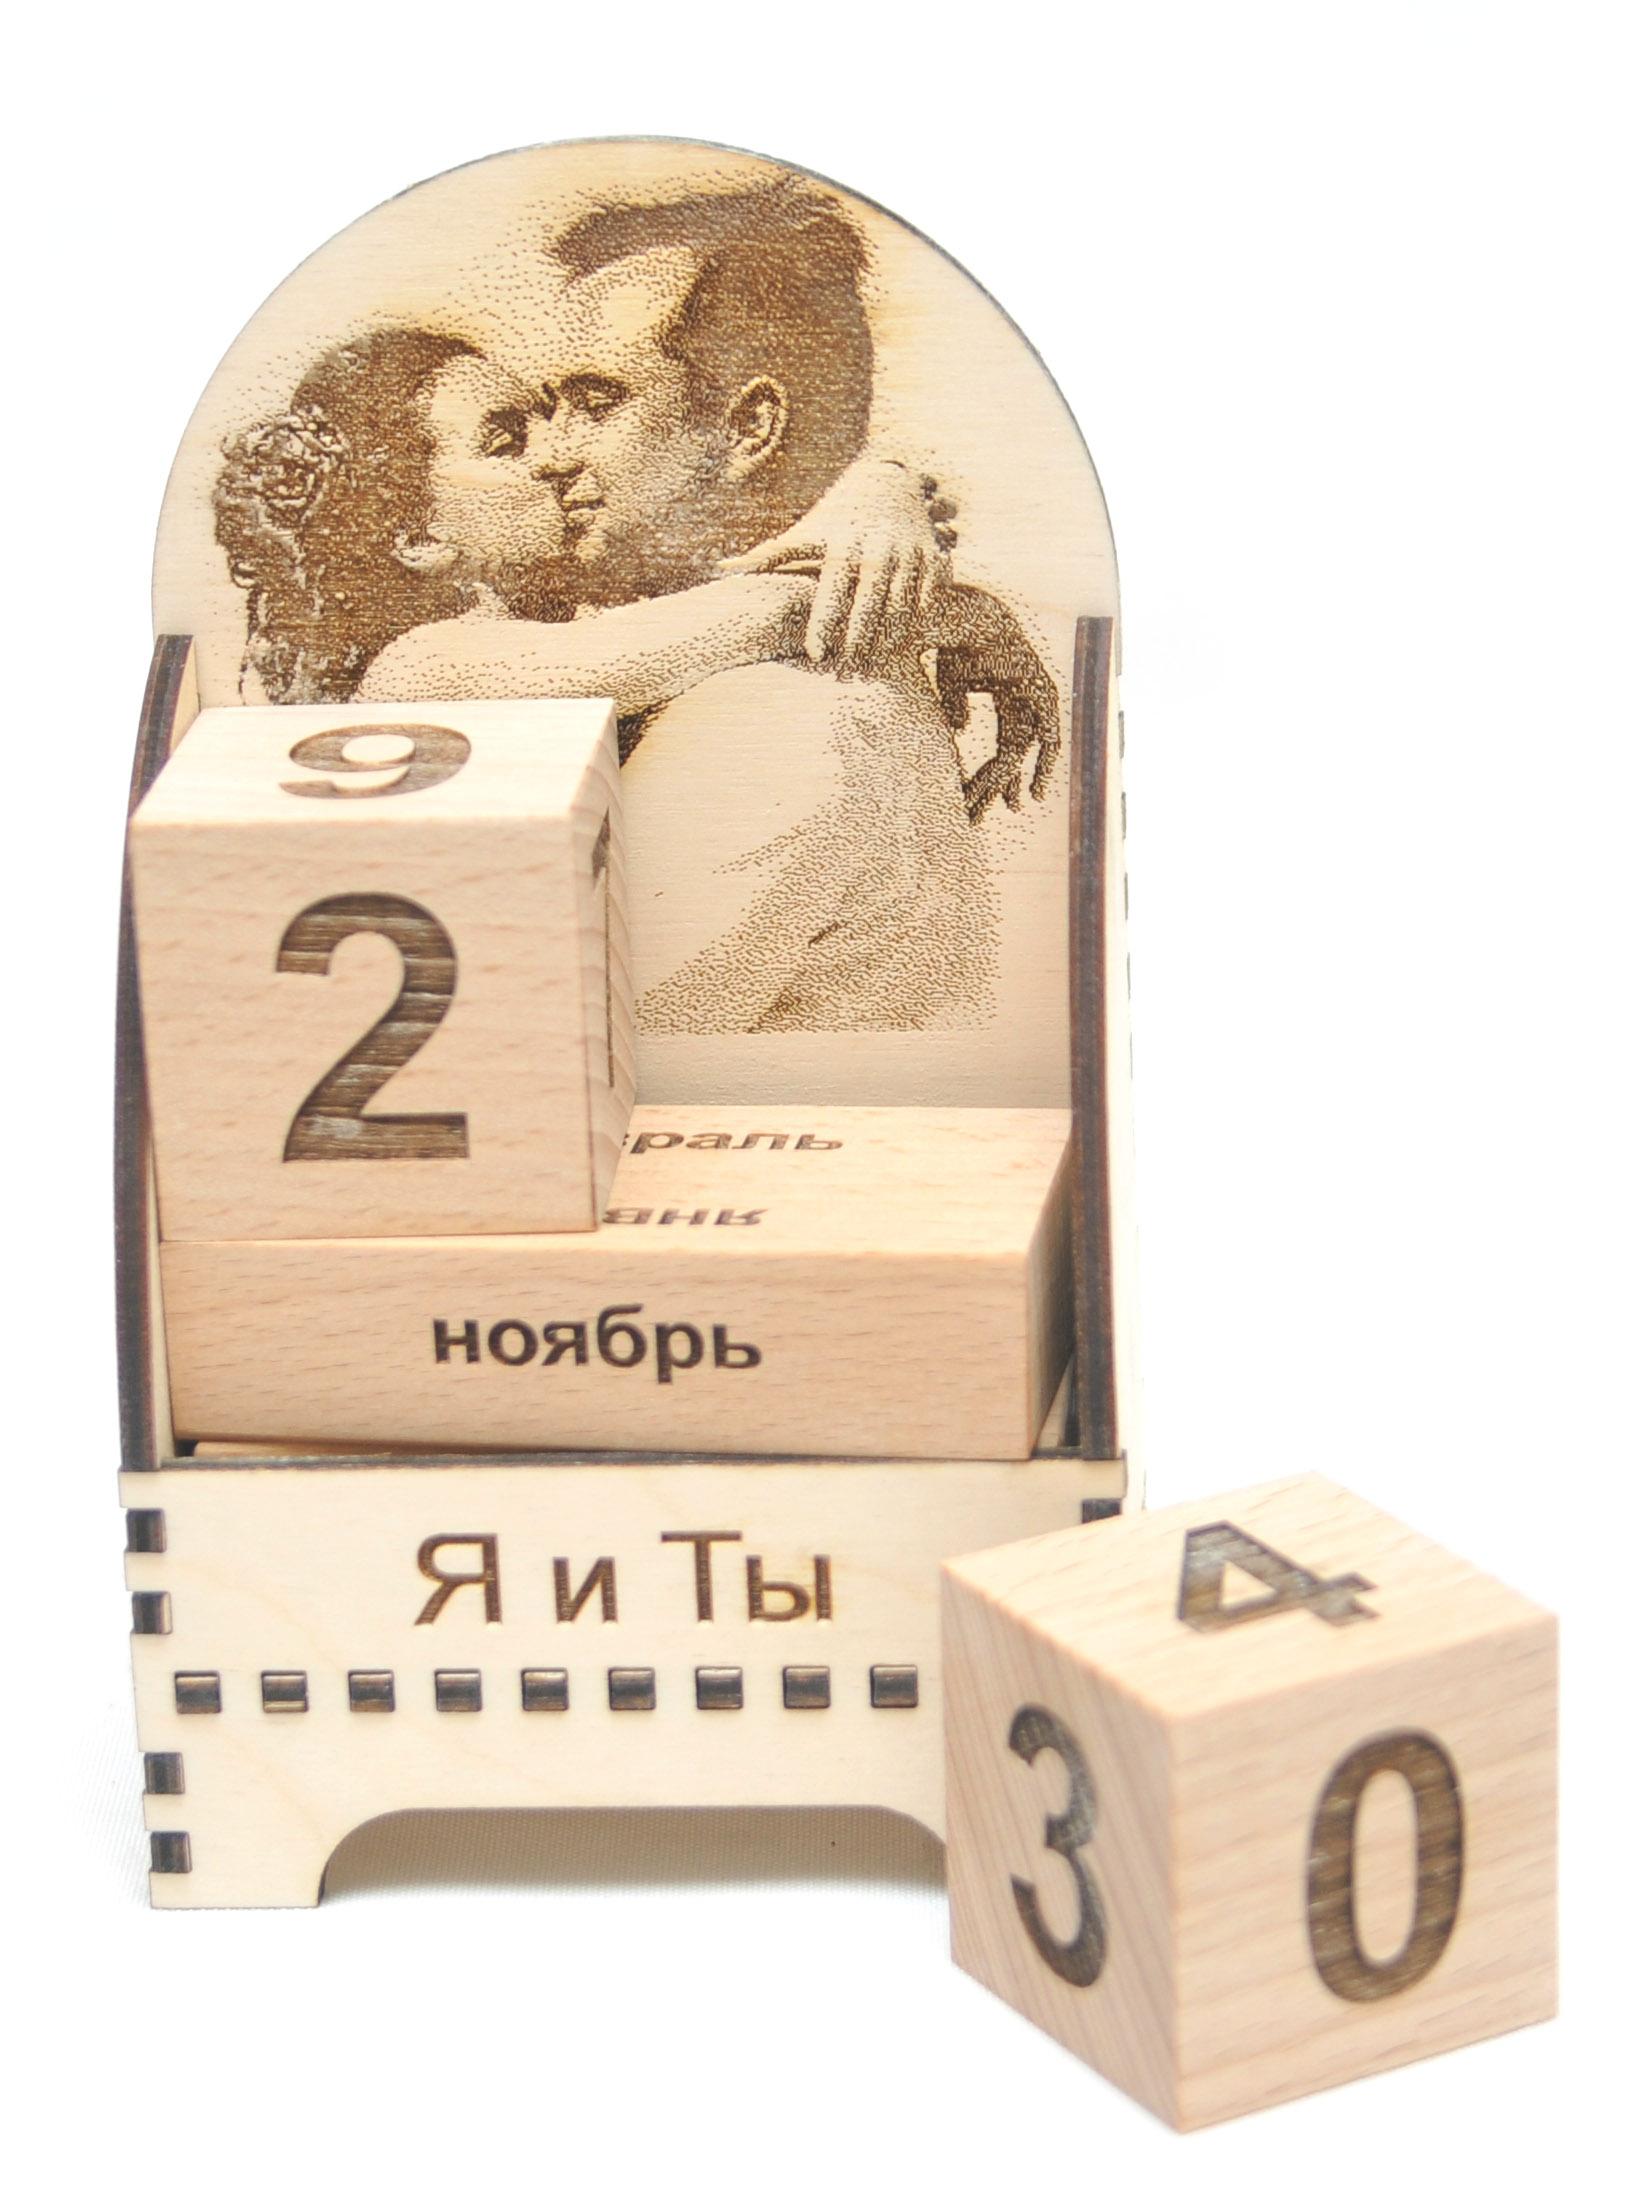 Кубики-трансформеры, изготовление сувенирной продукции 96